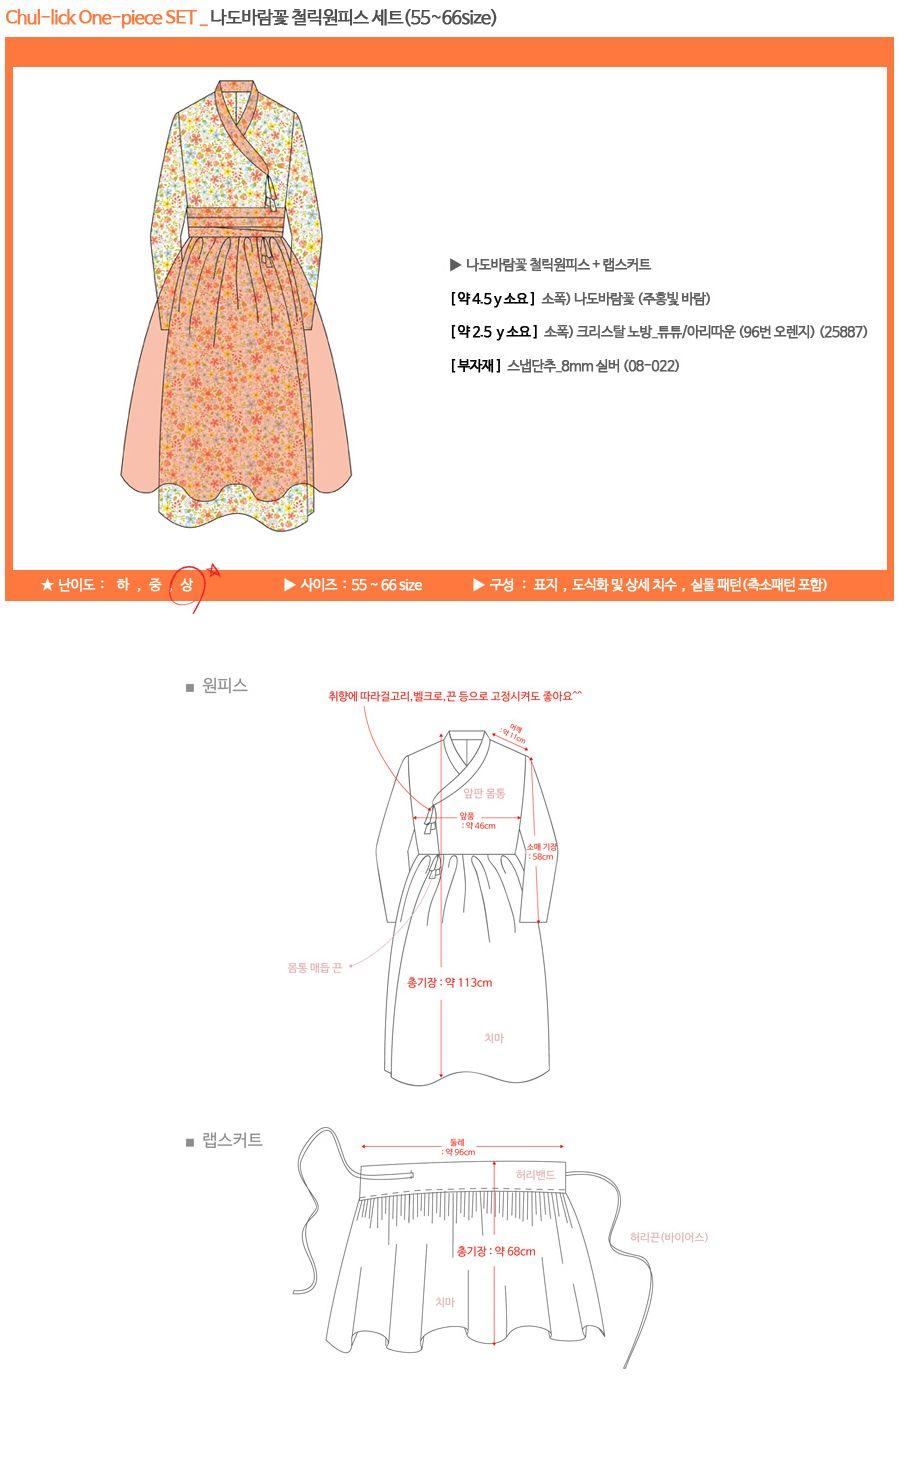 철릭원피스세트(55-66size) 도안 | Hanbok patterns | Pinterest